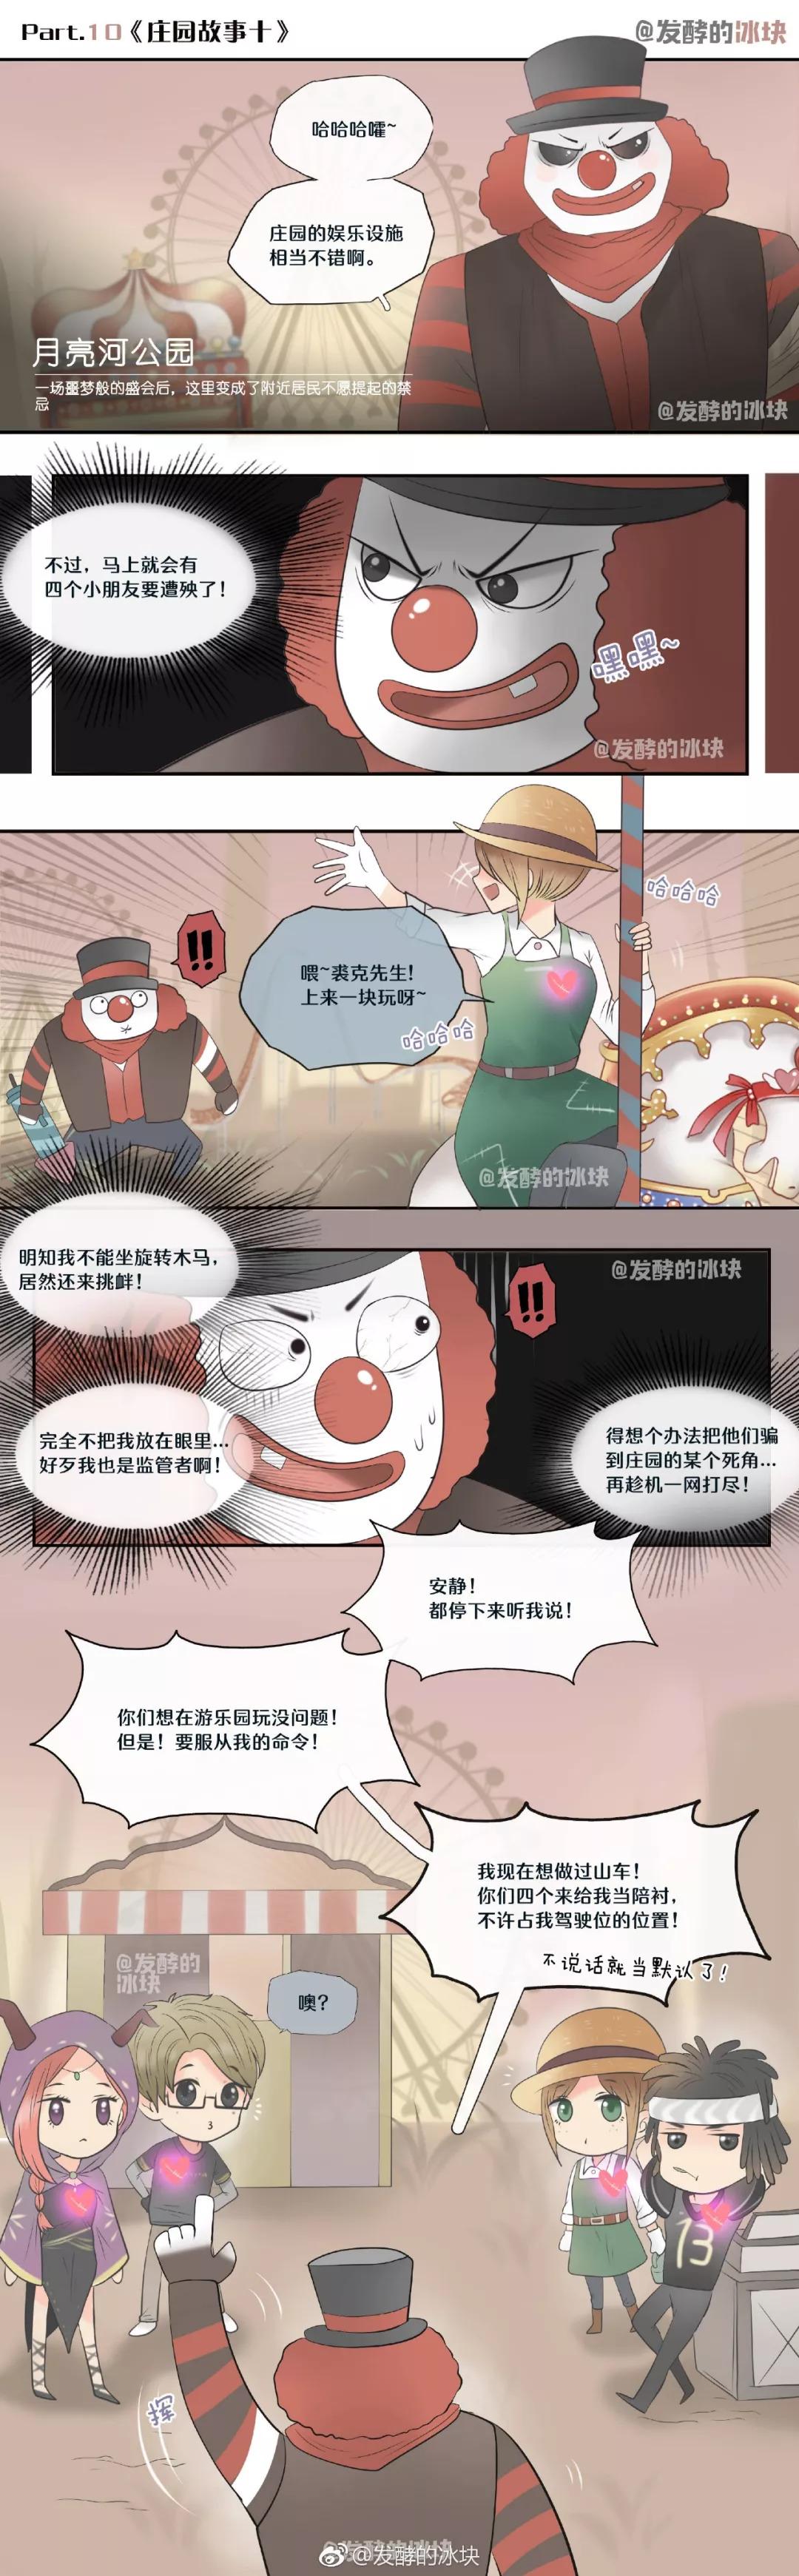 第五人格漫画庄园故事